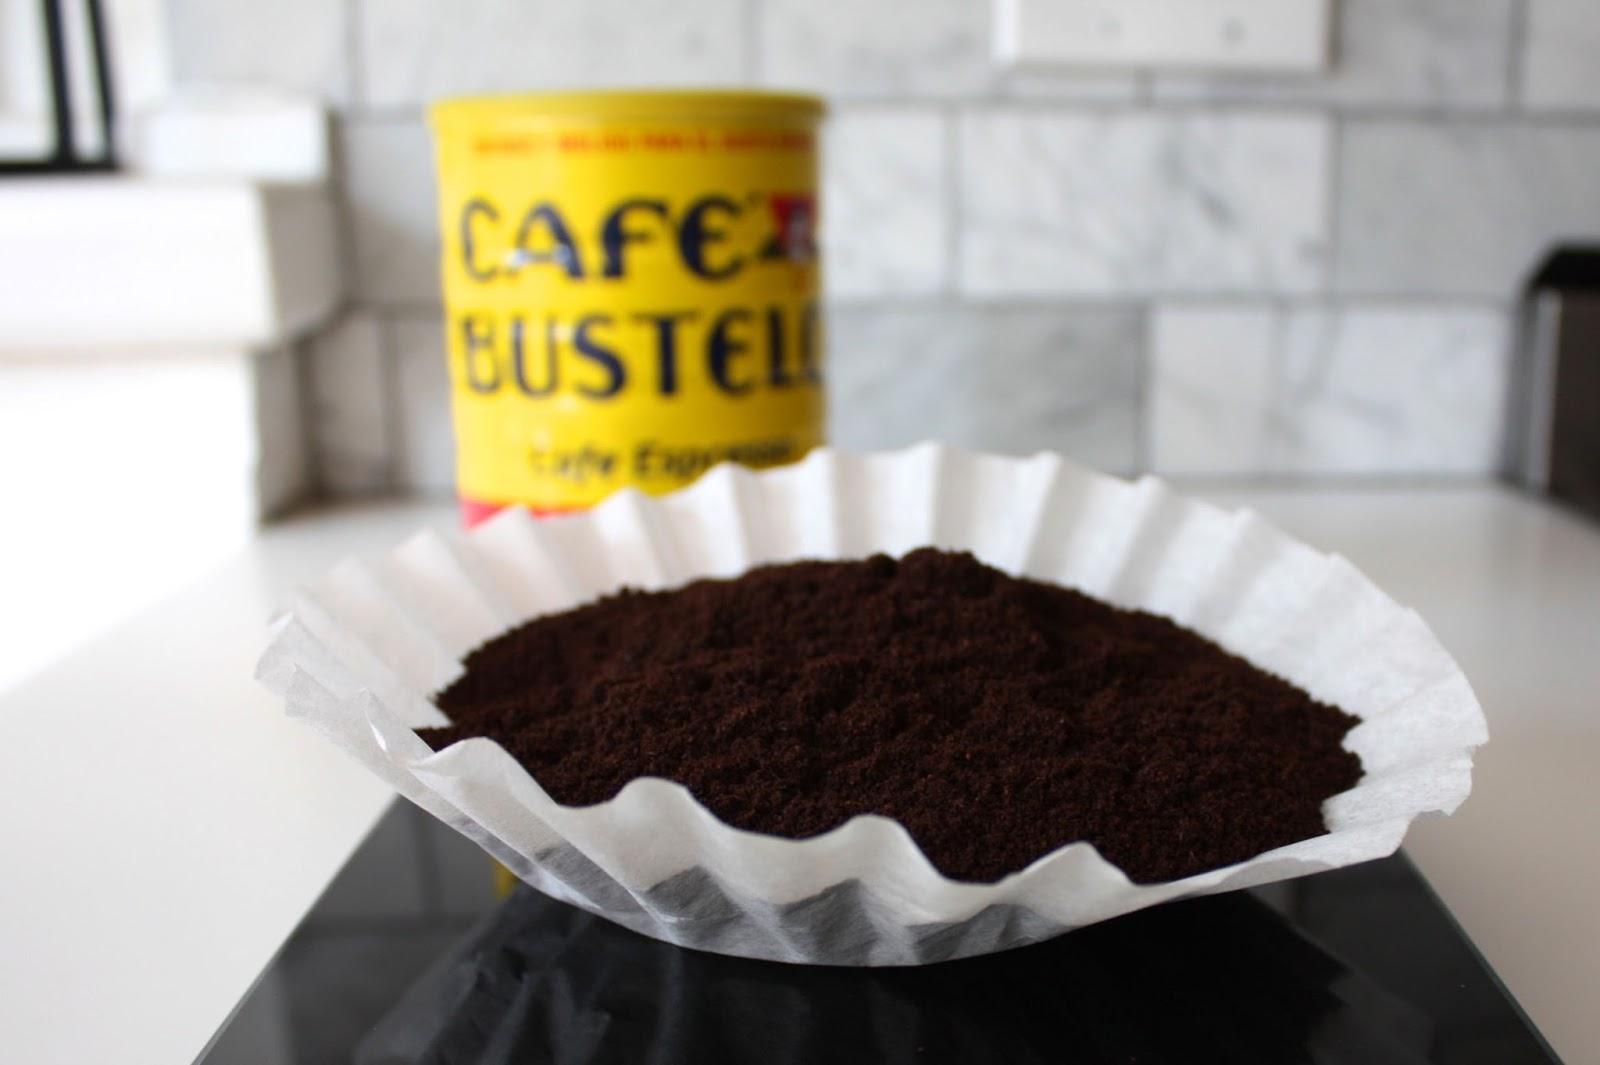 100 grams Cafe Bustelo.